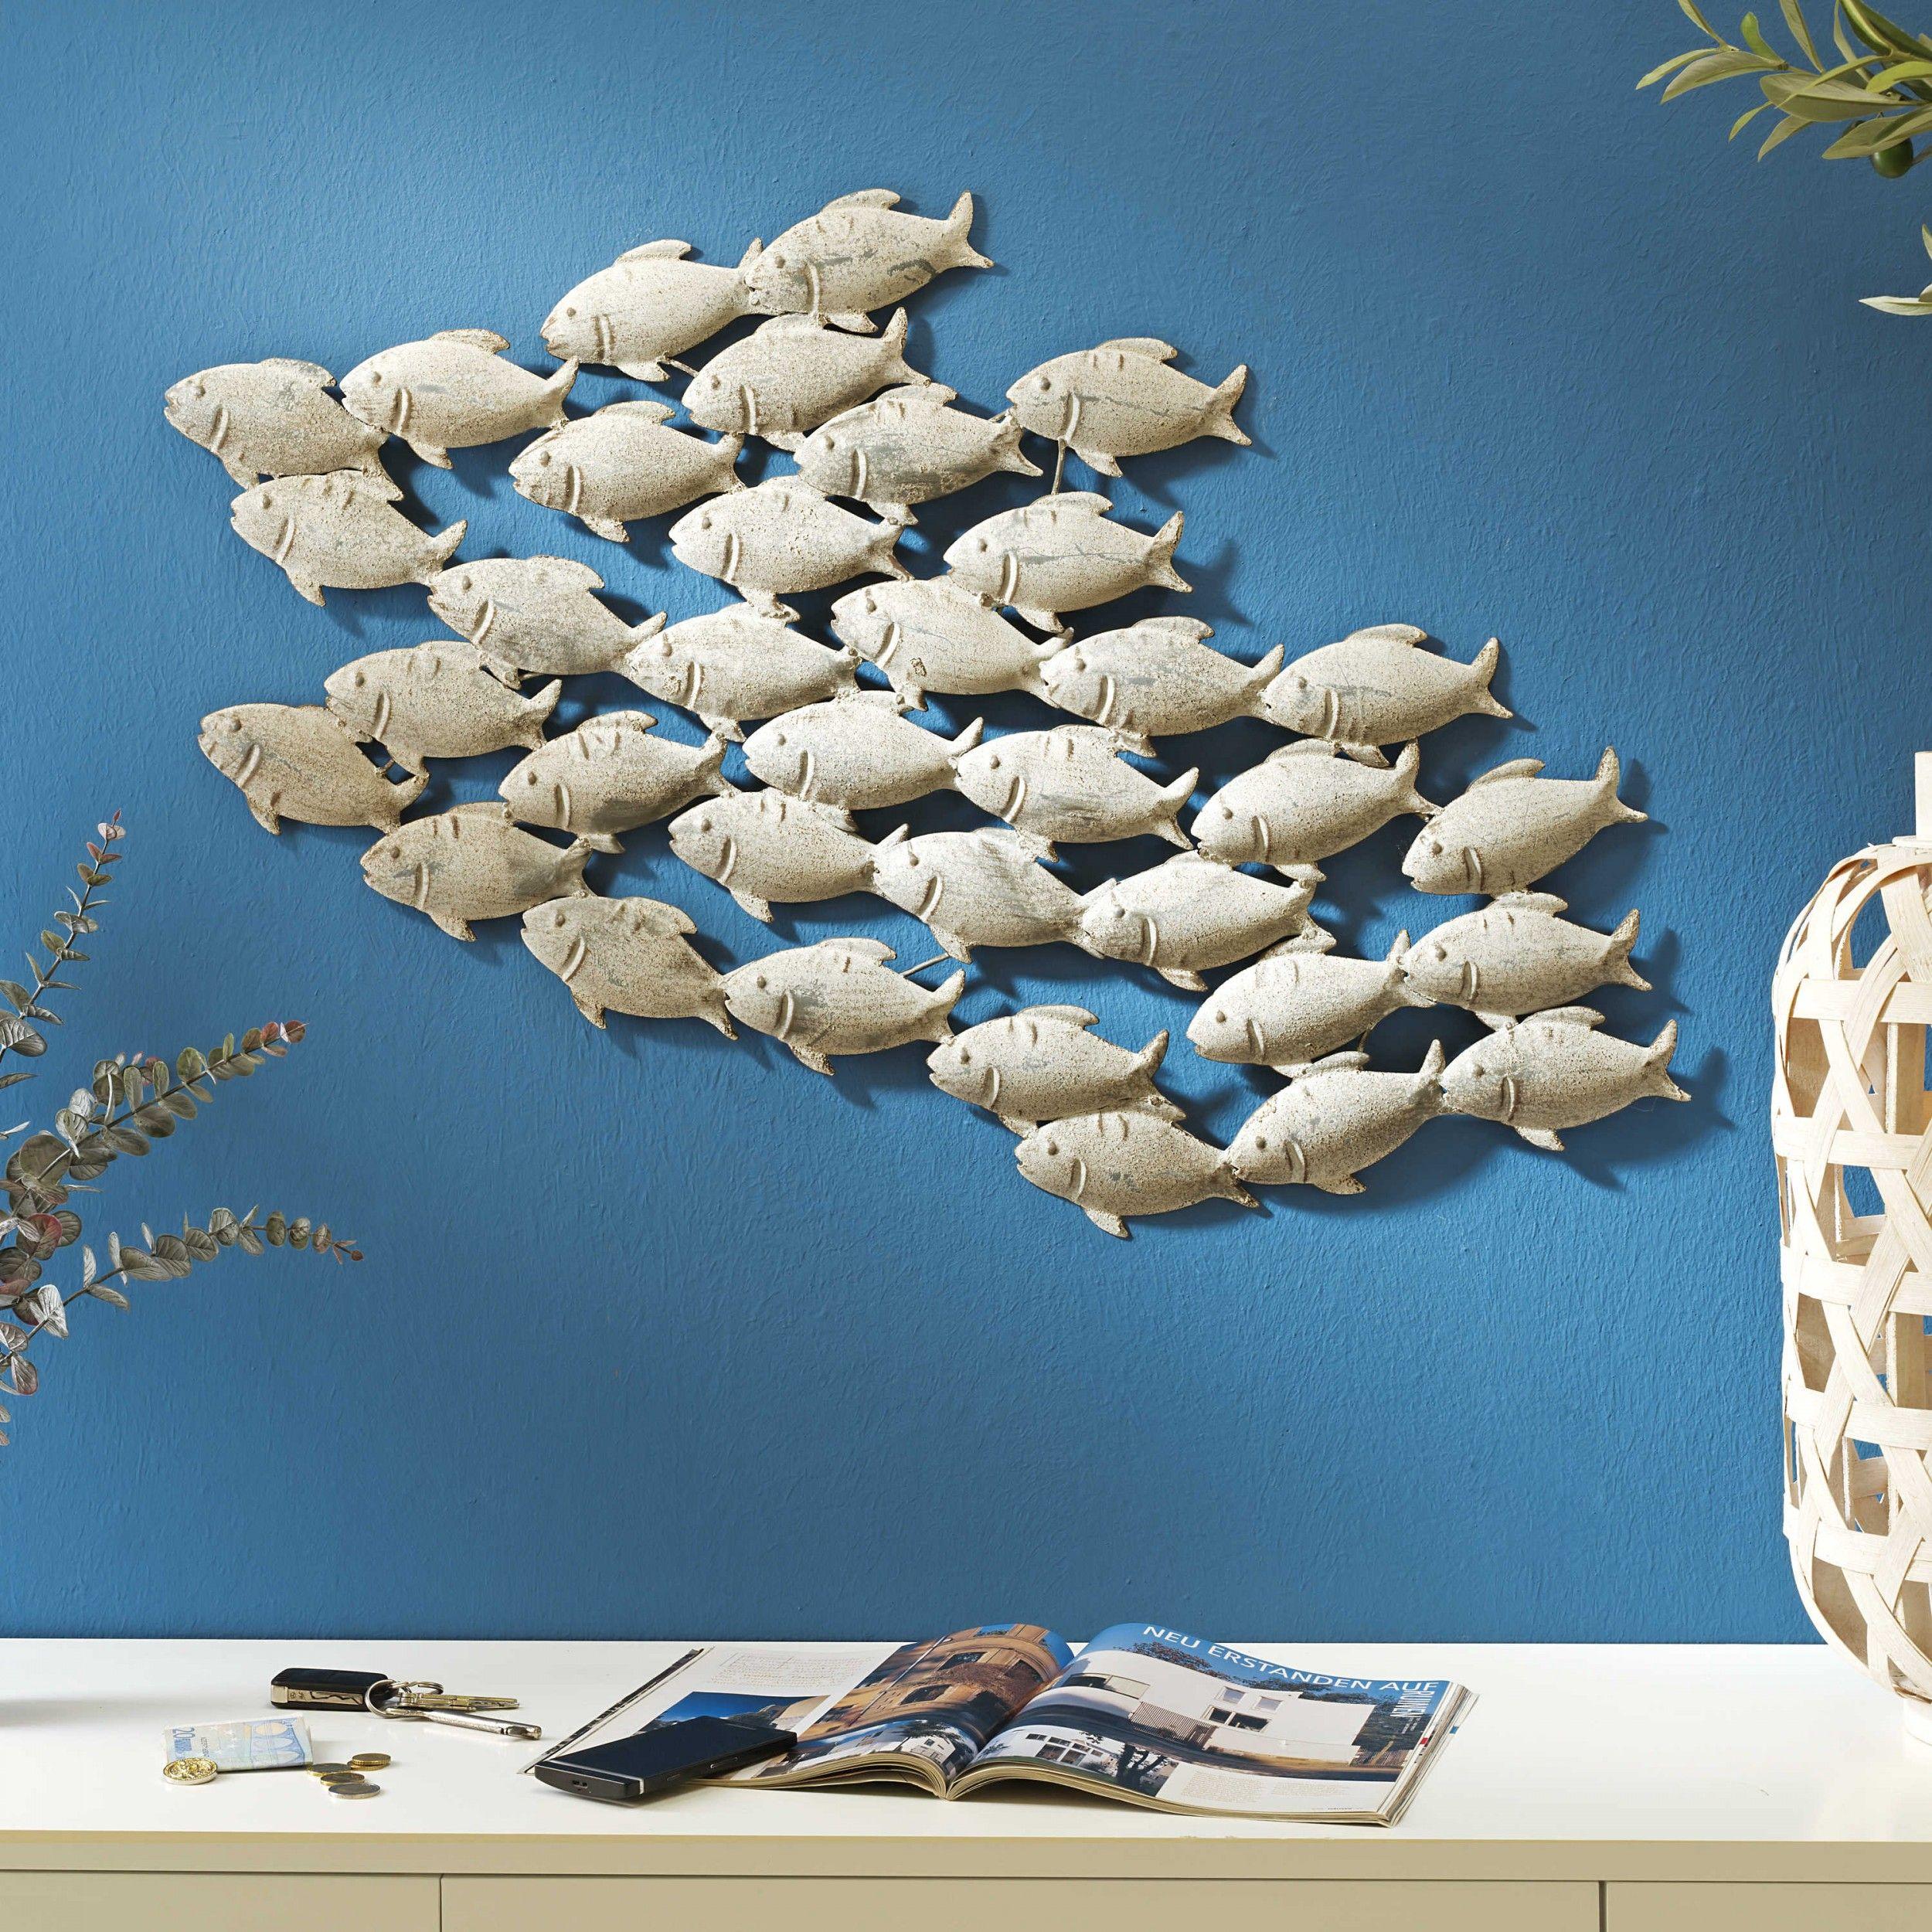 Wanddeko 97 x 53 cm Fischschwarm | günstig bei daheim.de | Ideen ...